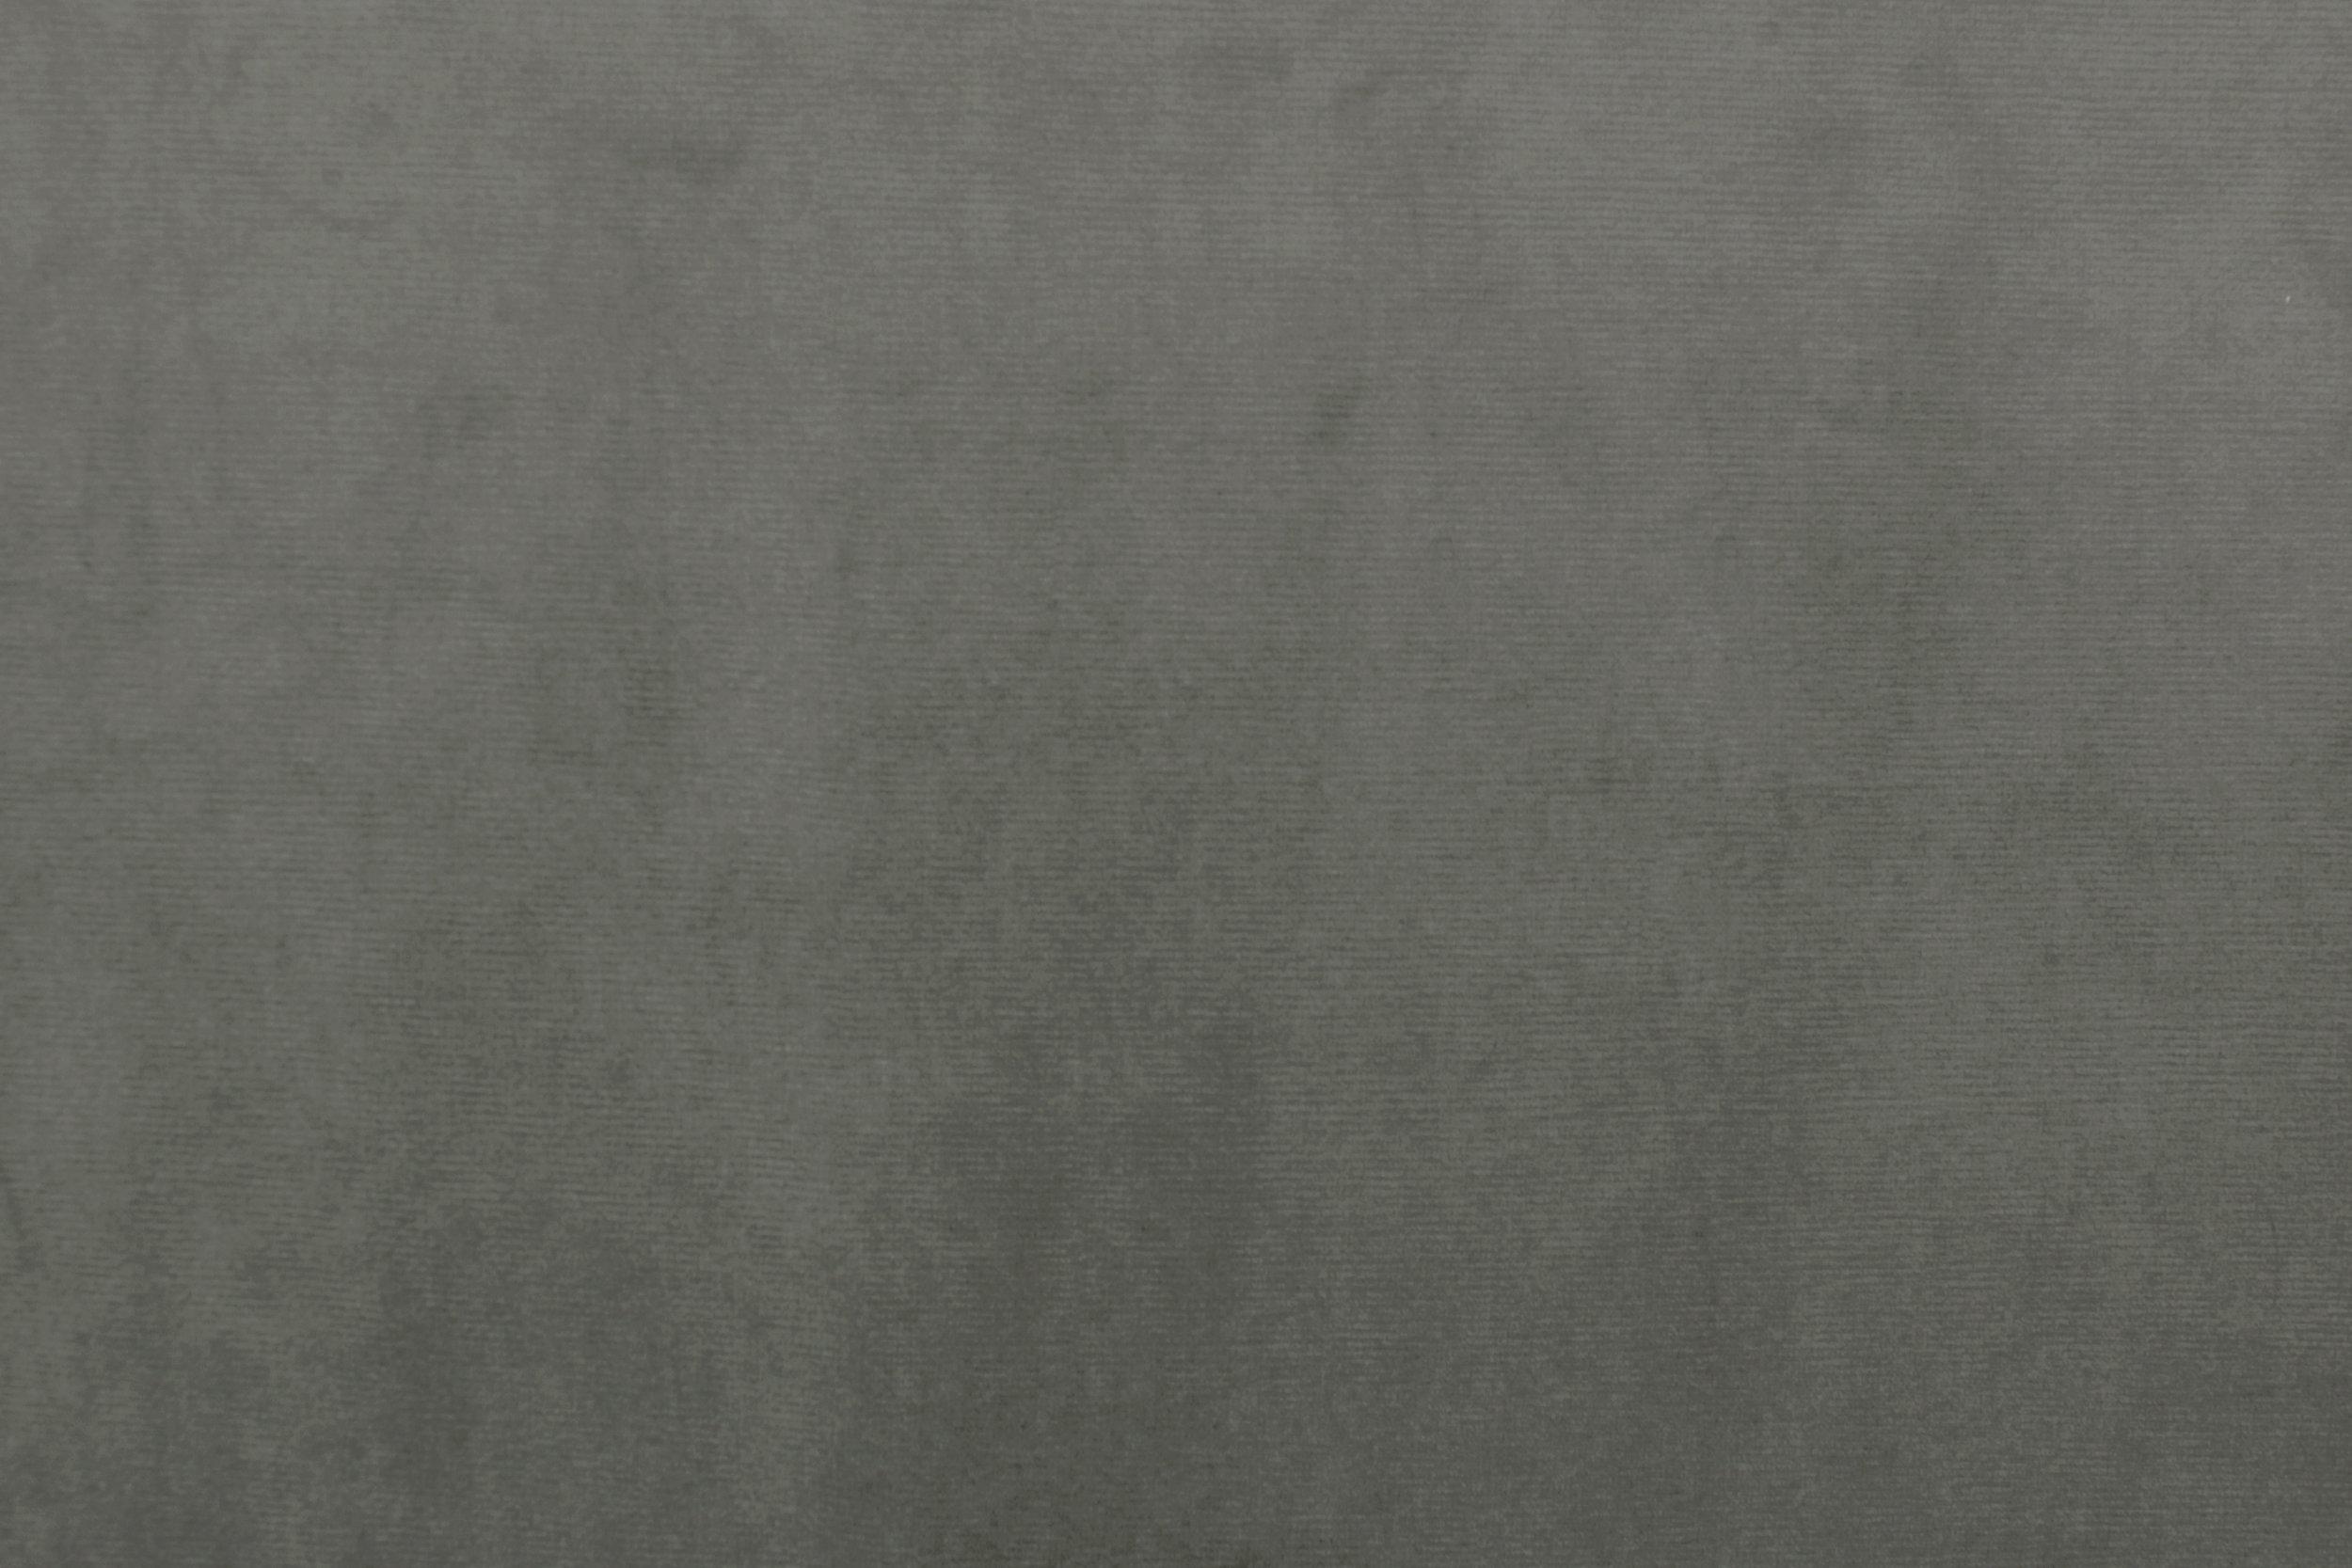 31033-06 Cinza Escuro